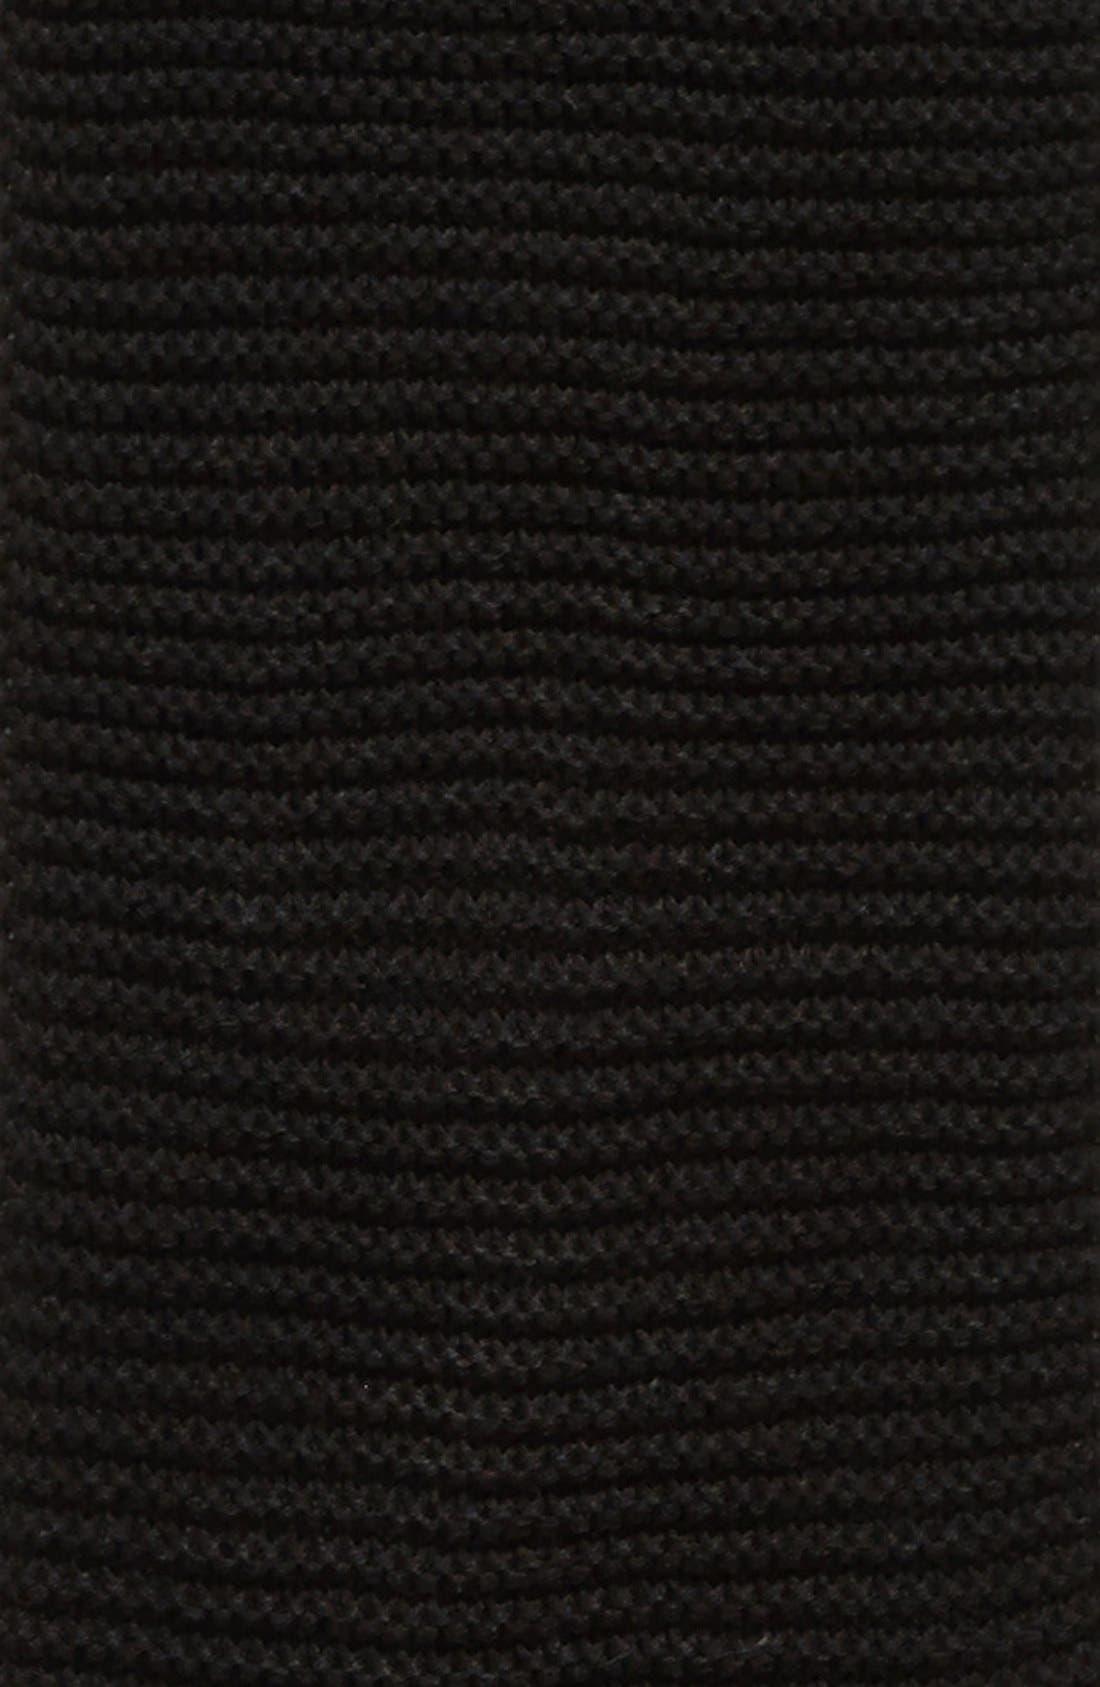 Alternate Image 3  - Modena Chunky Knit Scarf